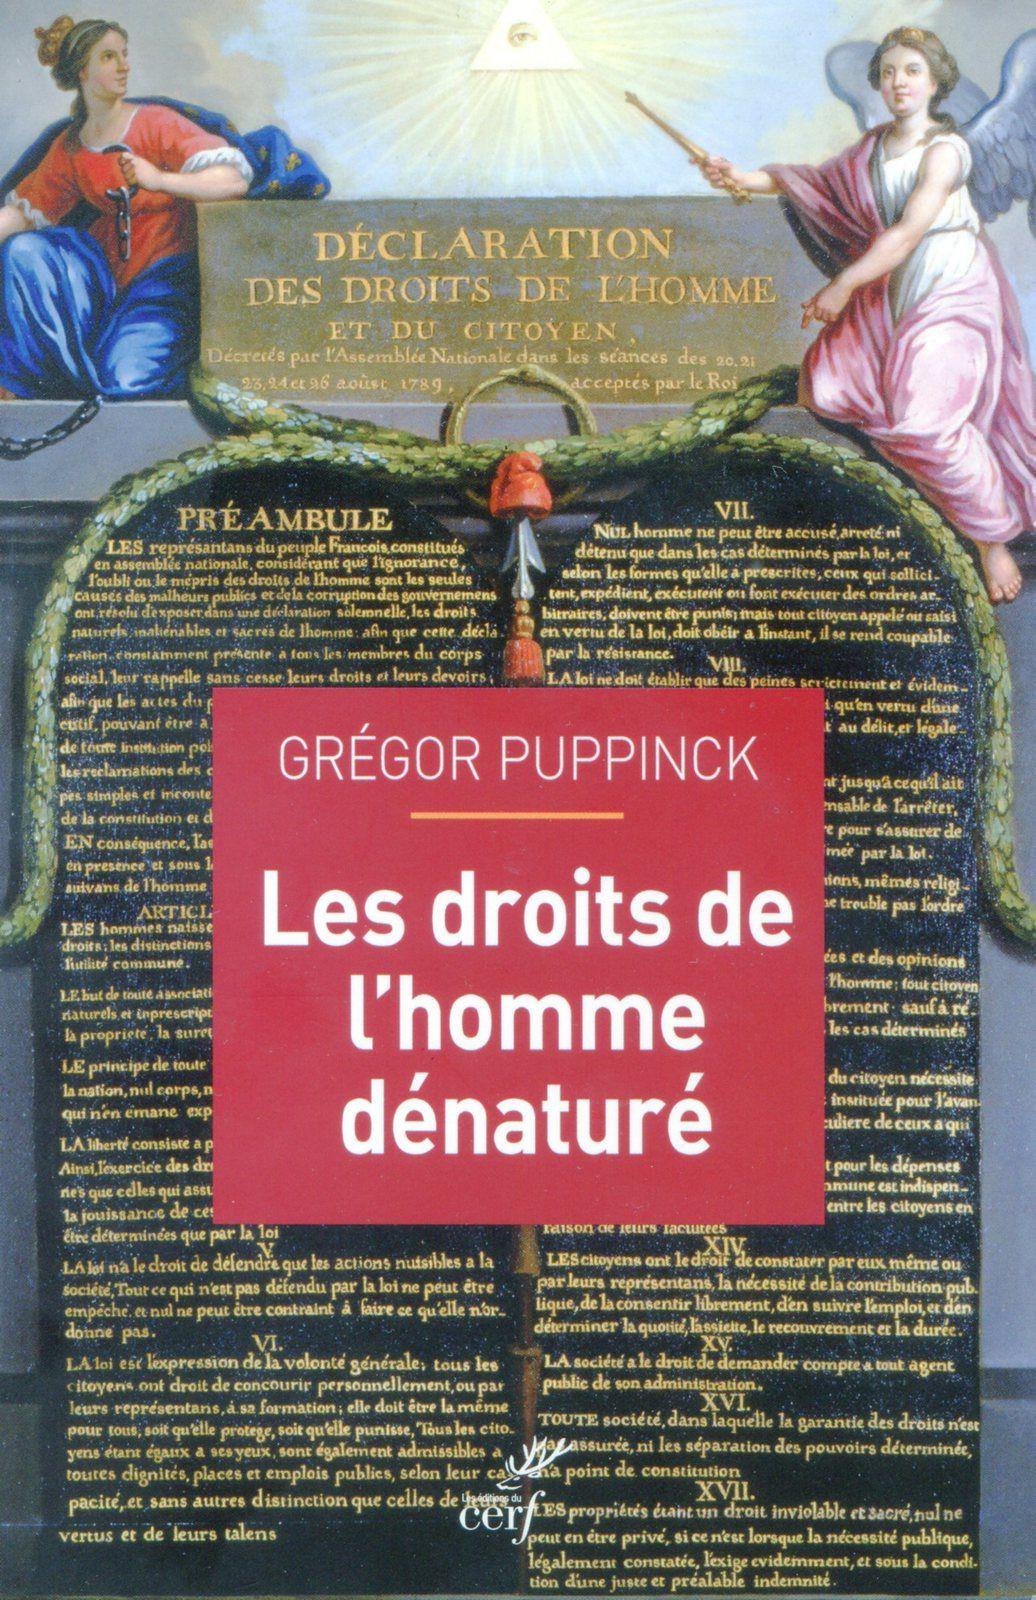 Grégor Puppinck, Les droits de l'homme dénaturé, Cerf, 2018